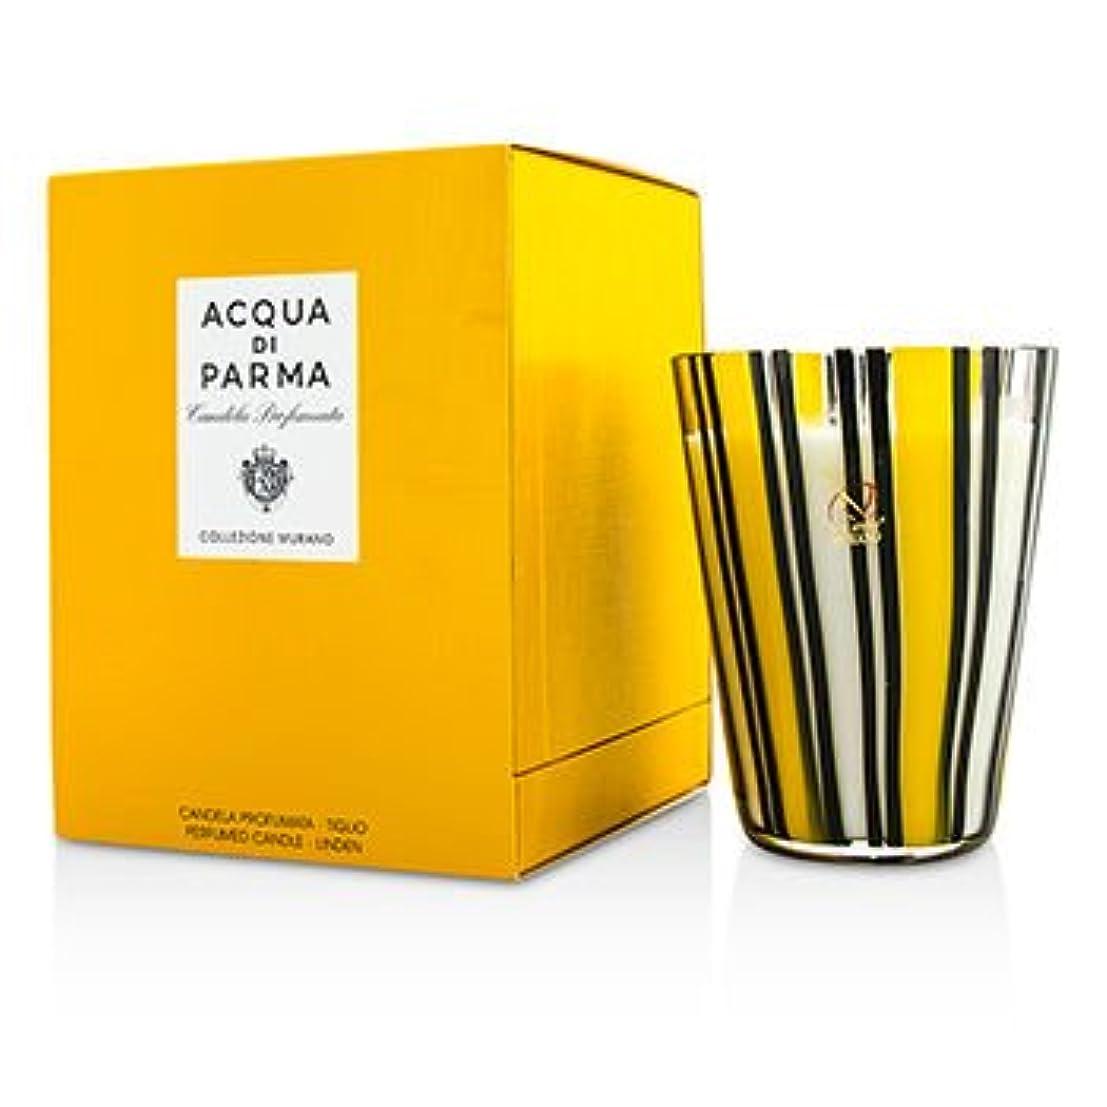 貧困遊具無礼に[Acqua Di Parma] Murano Glass Perfumed Candle - Tiglio (Linen) 200g/7.05oz